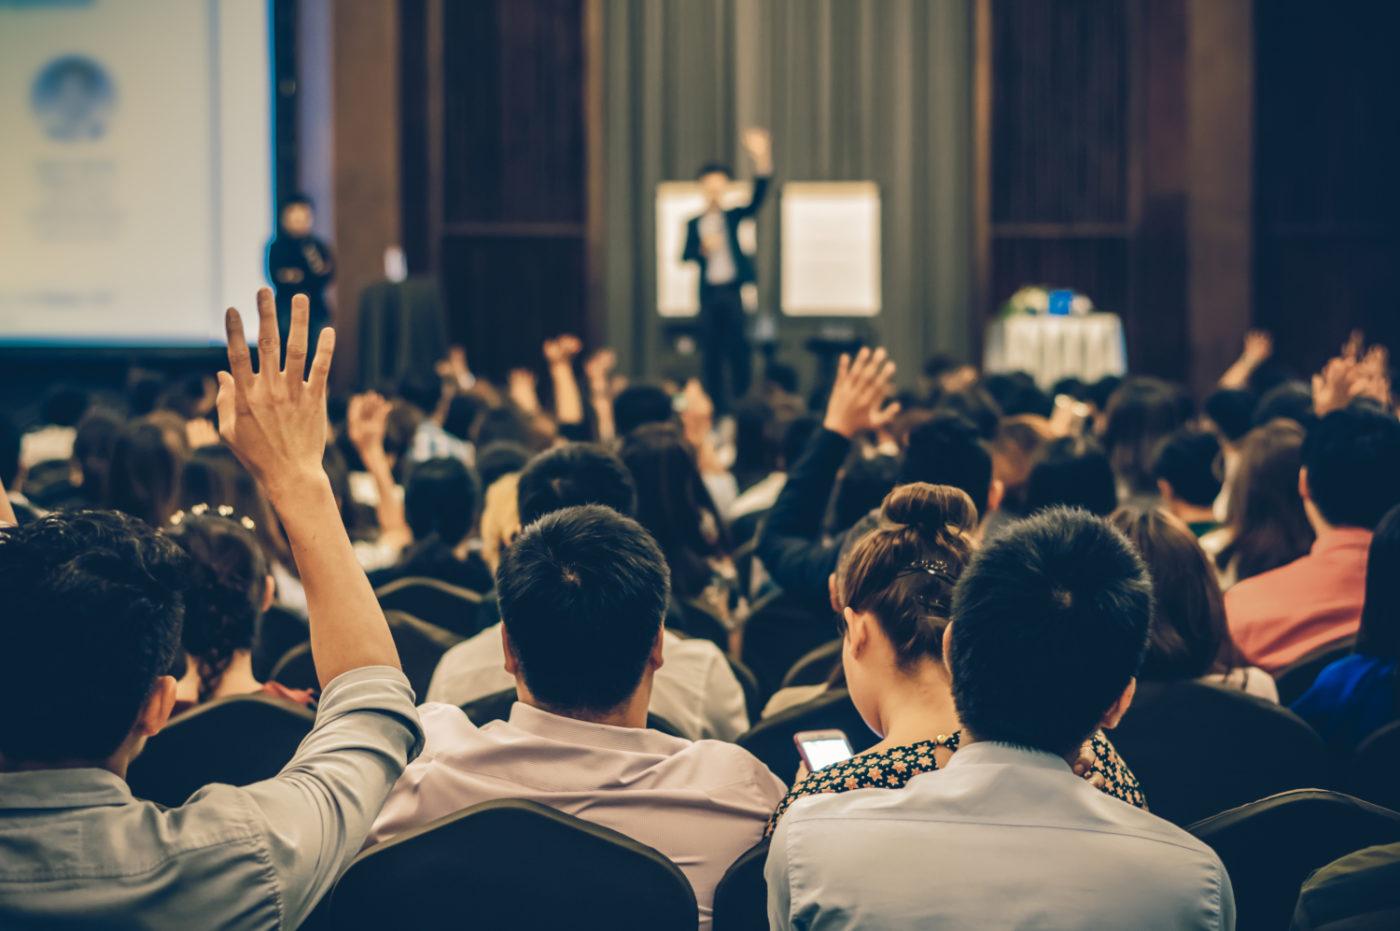 Организация больших мероприятий: что нужно знать клиенту?